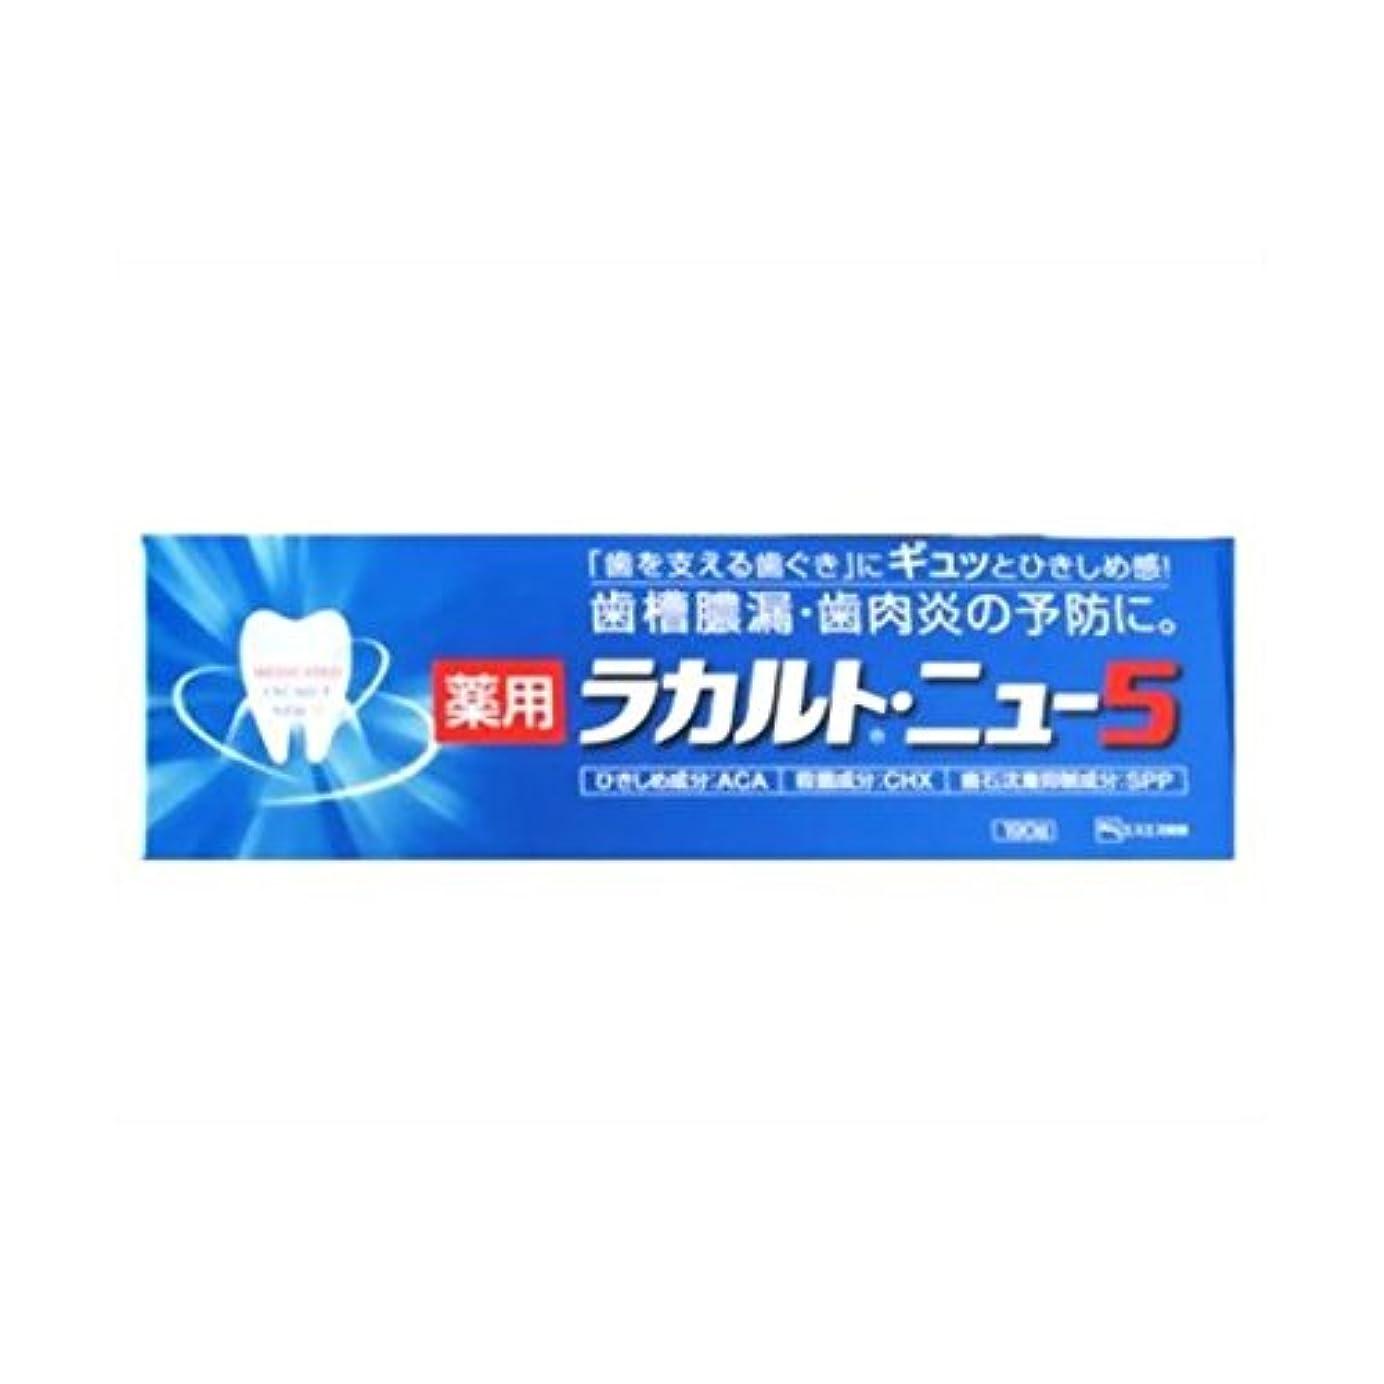 導体マニフェスト銀行【お徳用 3 セット】 薬用ラカルトニュー5 190g×3セット